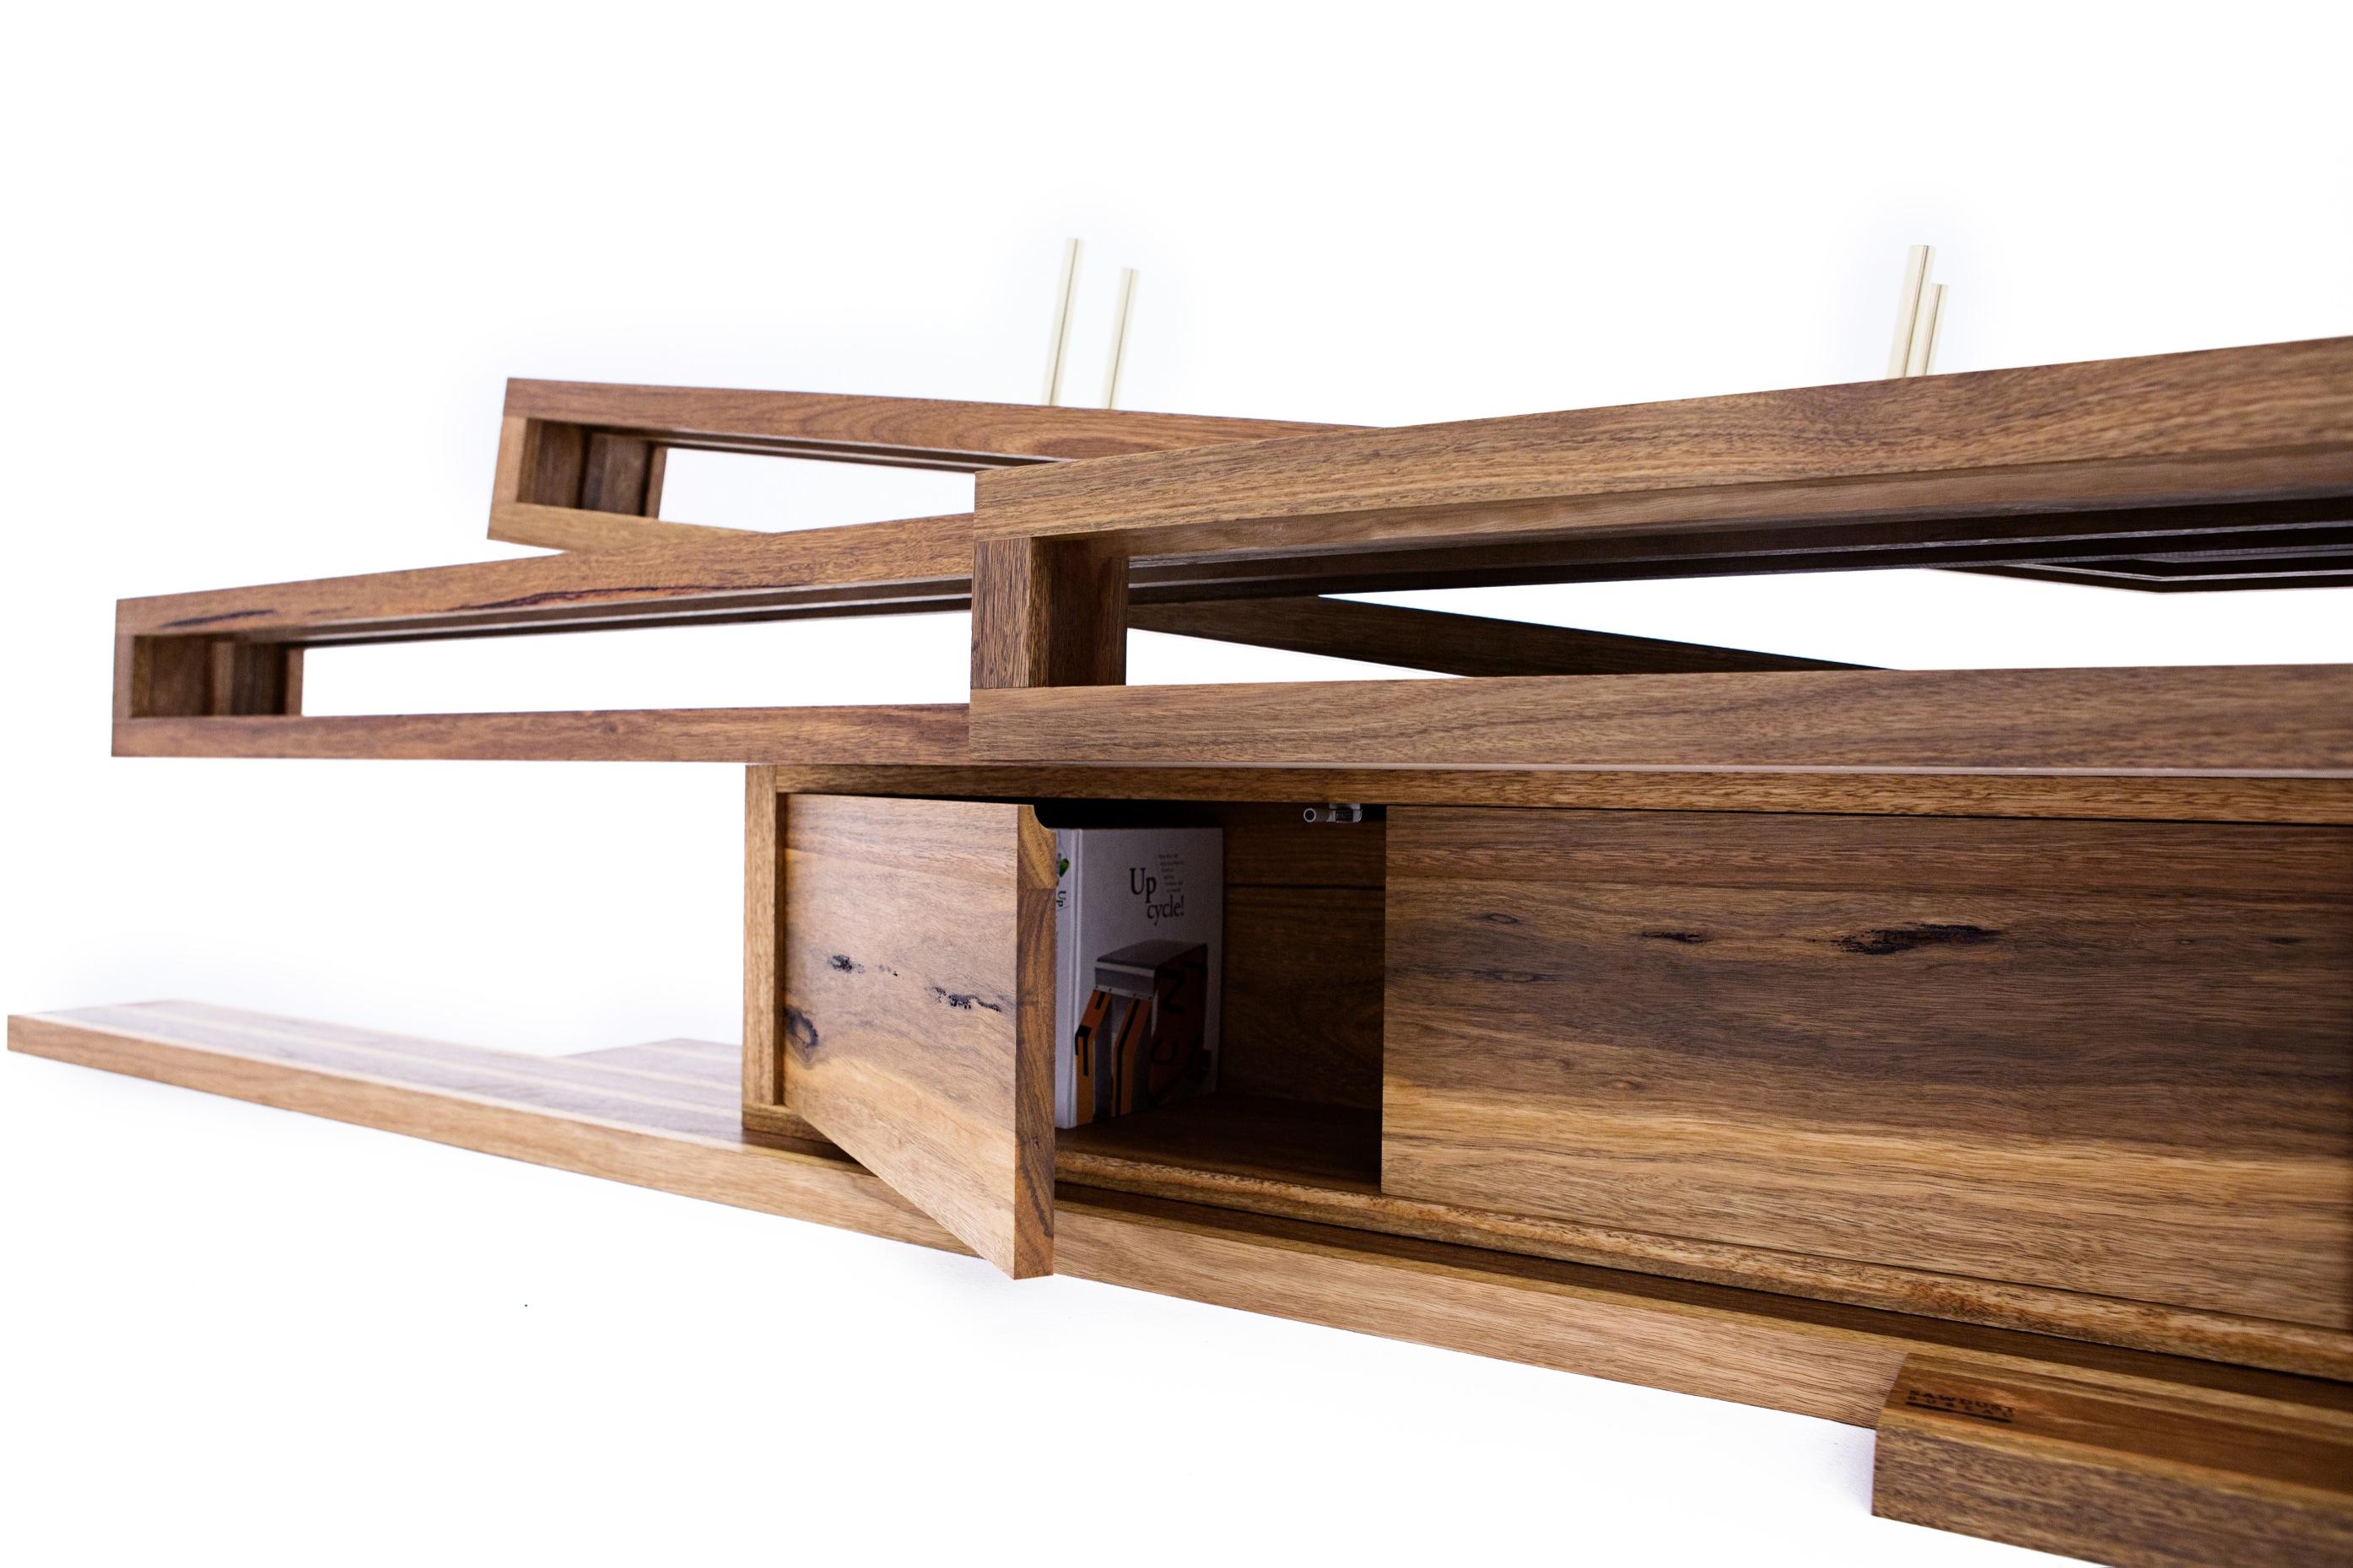 Ostberg Bench by Sawdust Bureau_5